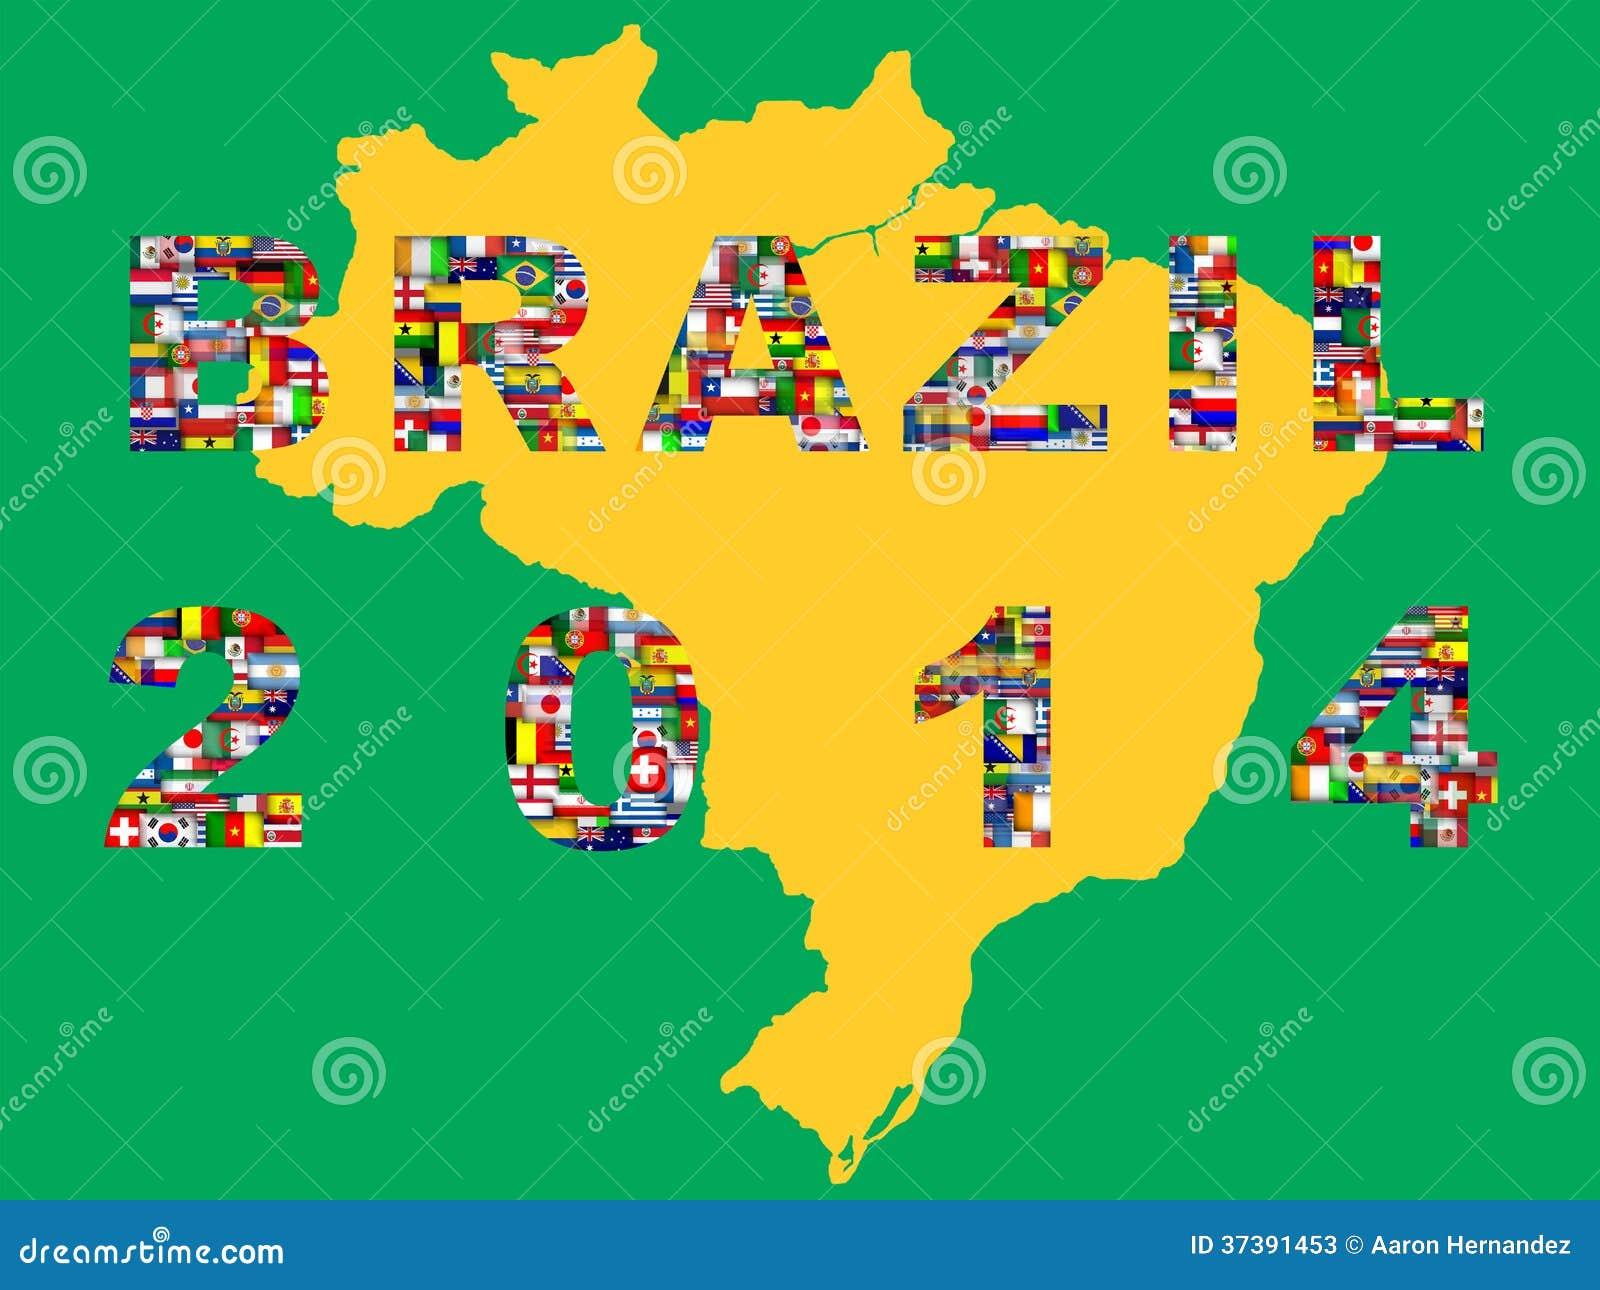 Översikt med kvalificerade nationer för turnering 2014.